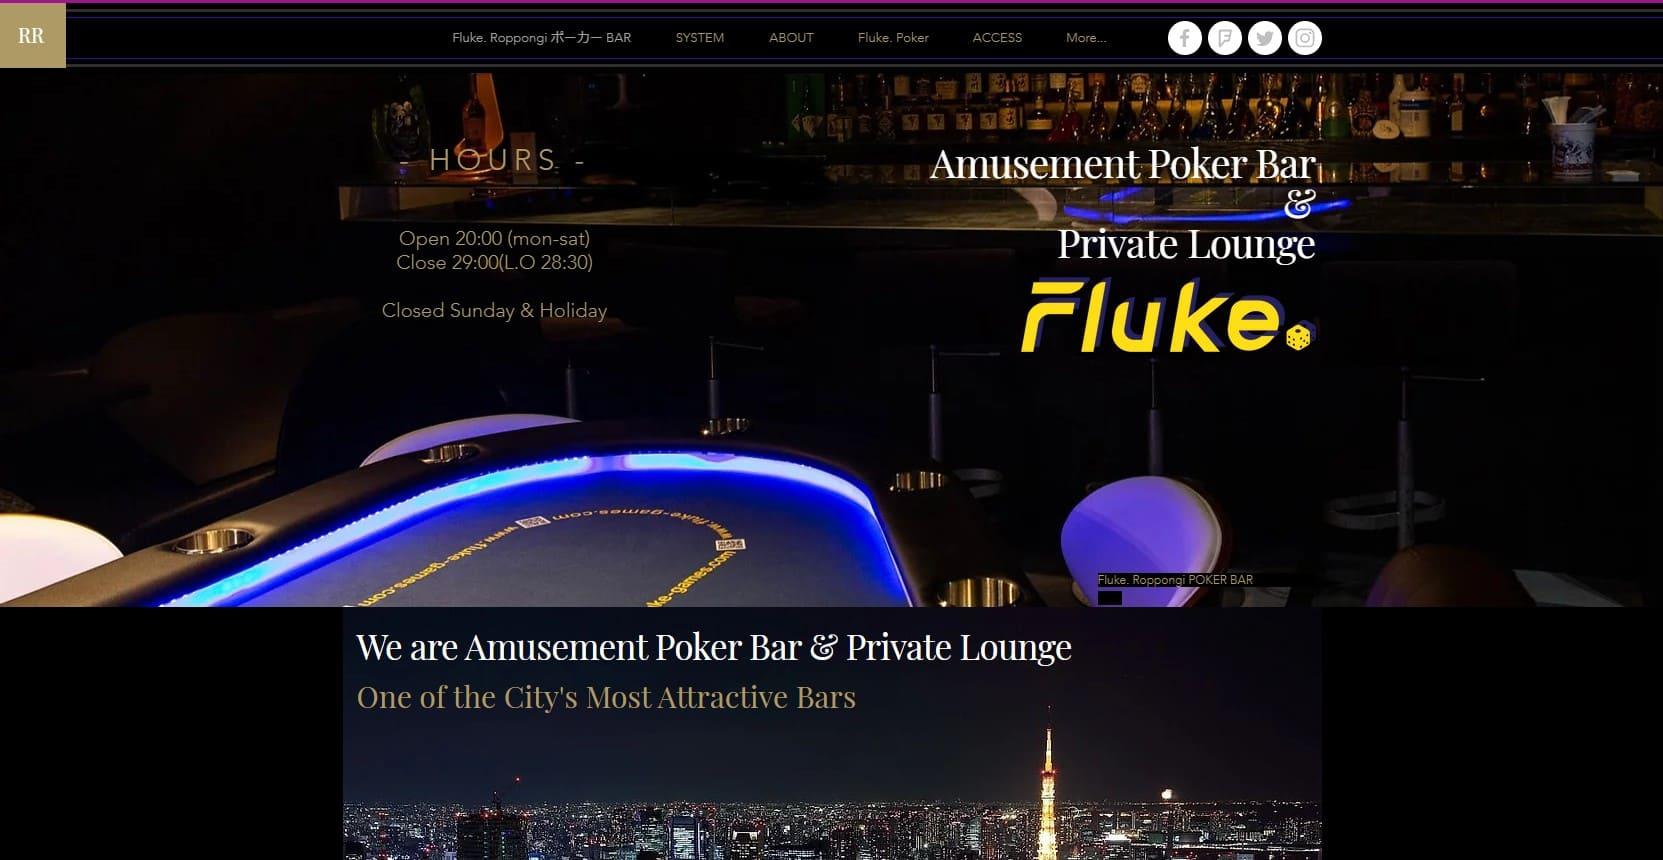 Flukeのウェブサイト画像。